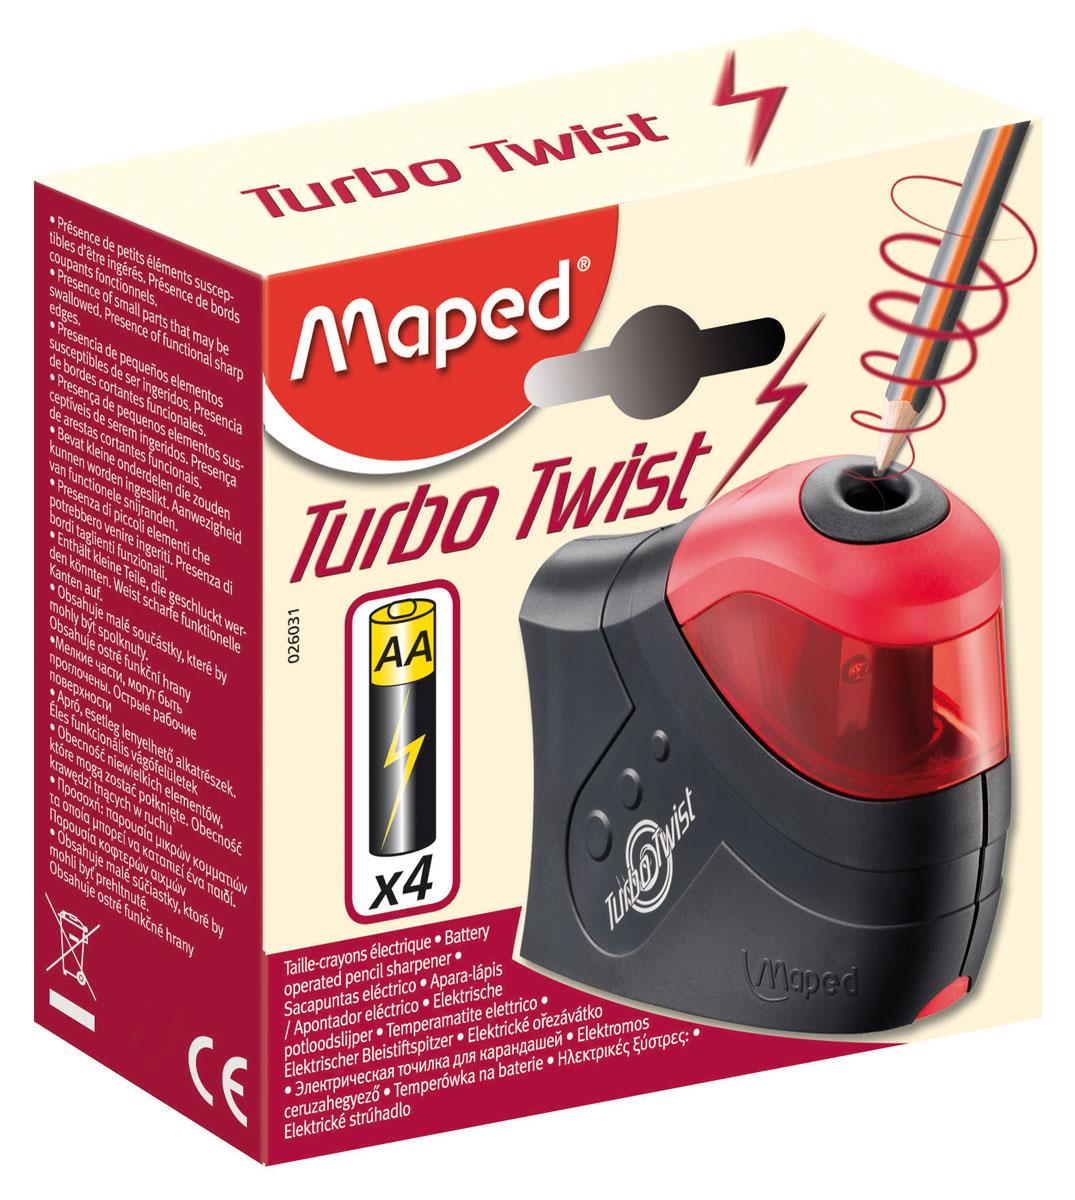 Точилка электрическая Maped Турбо Твист, 1 отверстие, с контейнером026031Точилка Maped Турбо Твист электрическая точилка, работающая от 4 батареек АА (LR6). Оснащена специальным контайнером для стружки. Имеет стальное лезвие высокого качества и два запасных(прикручены рядом с основвным изнутри)Может использоваться как обычная ручная точилка - просто выньте краcную часть.Точилка поставляется без батареек. Характеристики:Материал: пластик, сталь. Размер: 10,5 см х 8 см х 3 см. Размер упаковки: 11 см х 11 см х 4 см. Изготовитель: Китай.